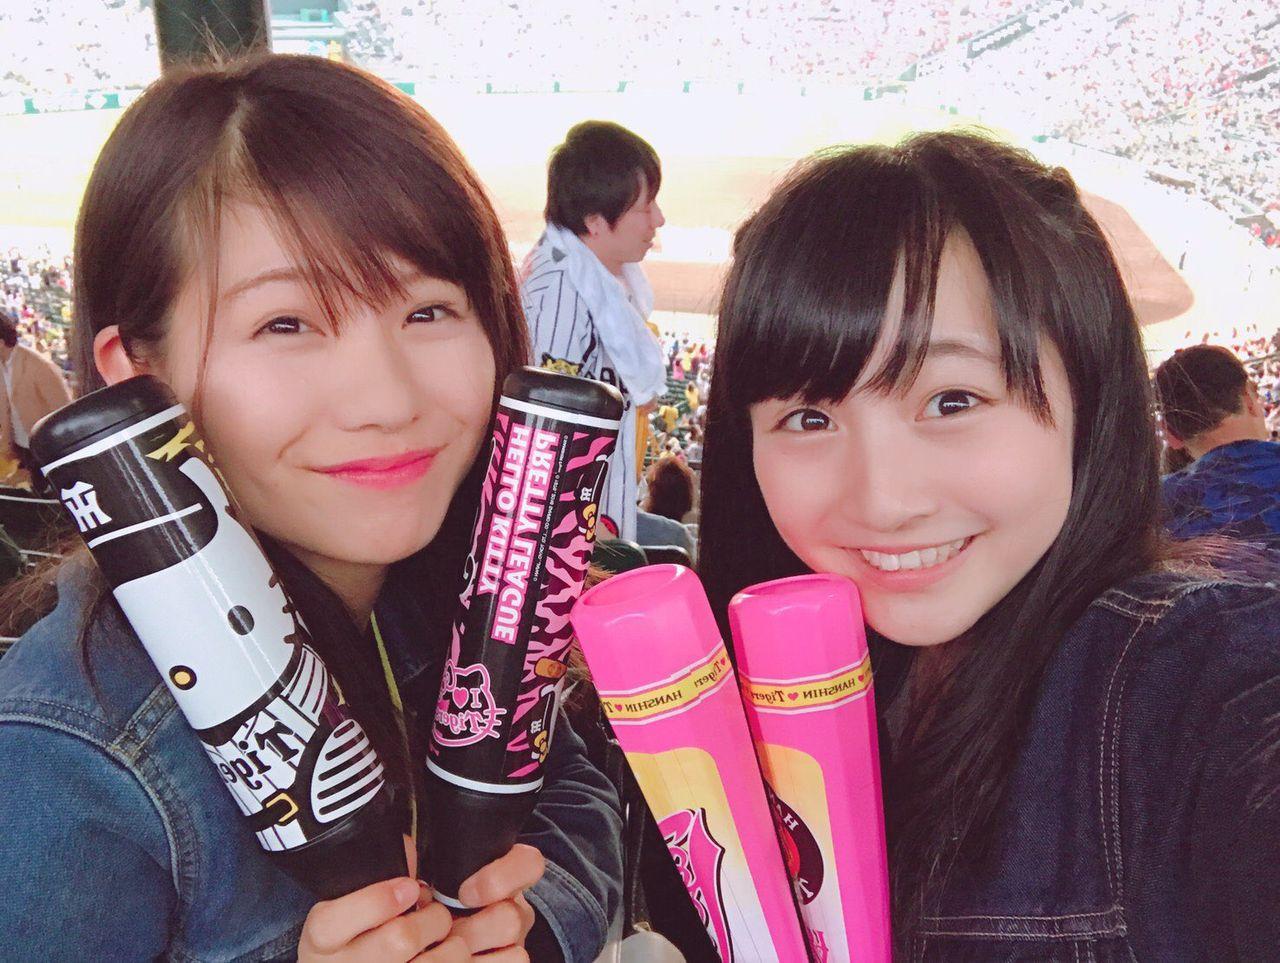 【谷やん】朗報!阪神タイガースの歴史的大逆転勝利の女神現る!!!【あーやん】